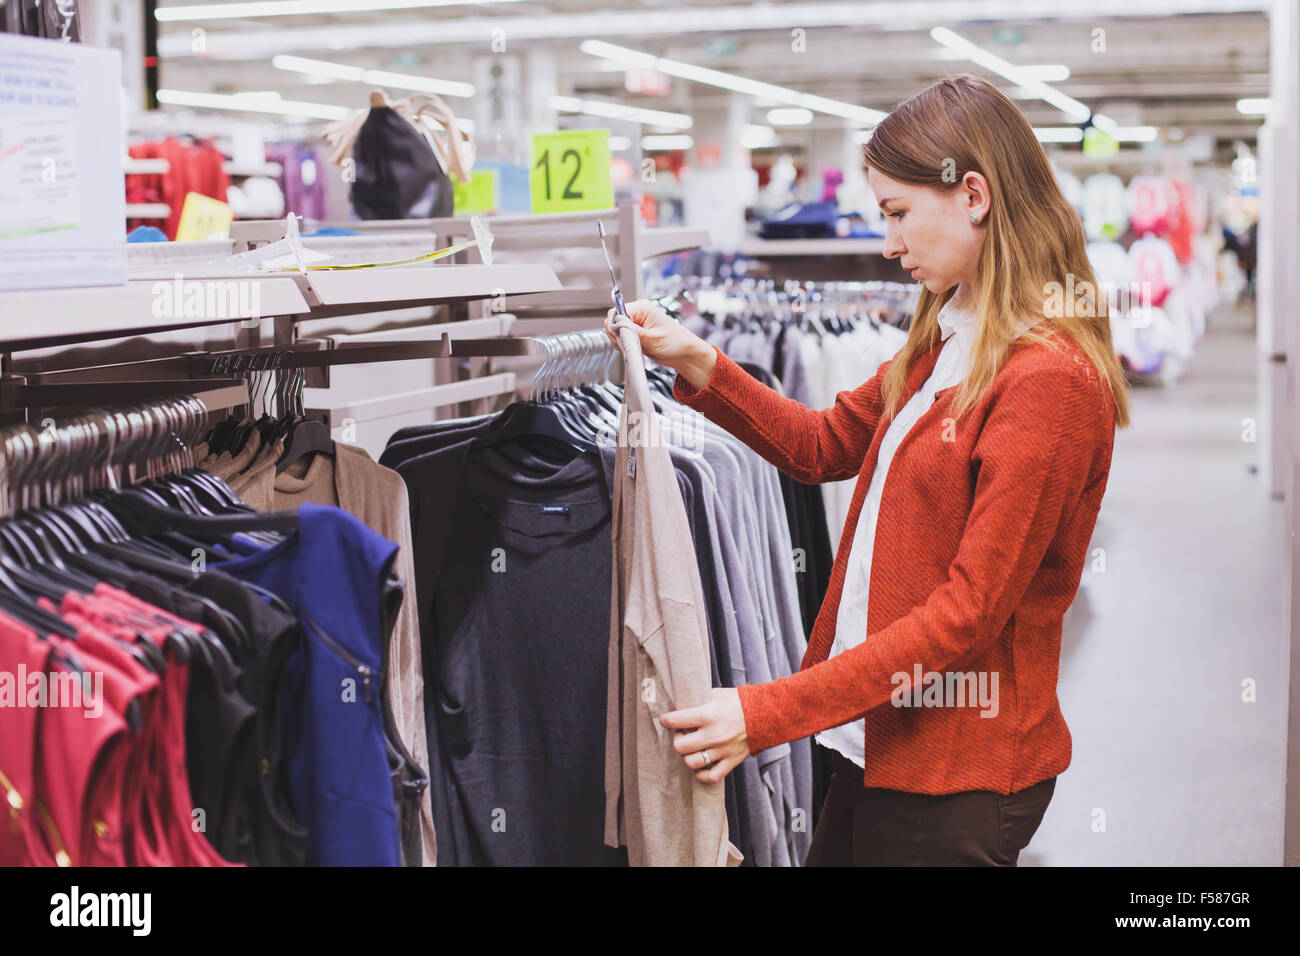 Choisissant des vêtements femme dans la boutique Photo Stock